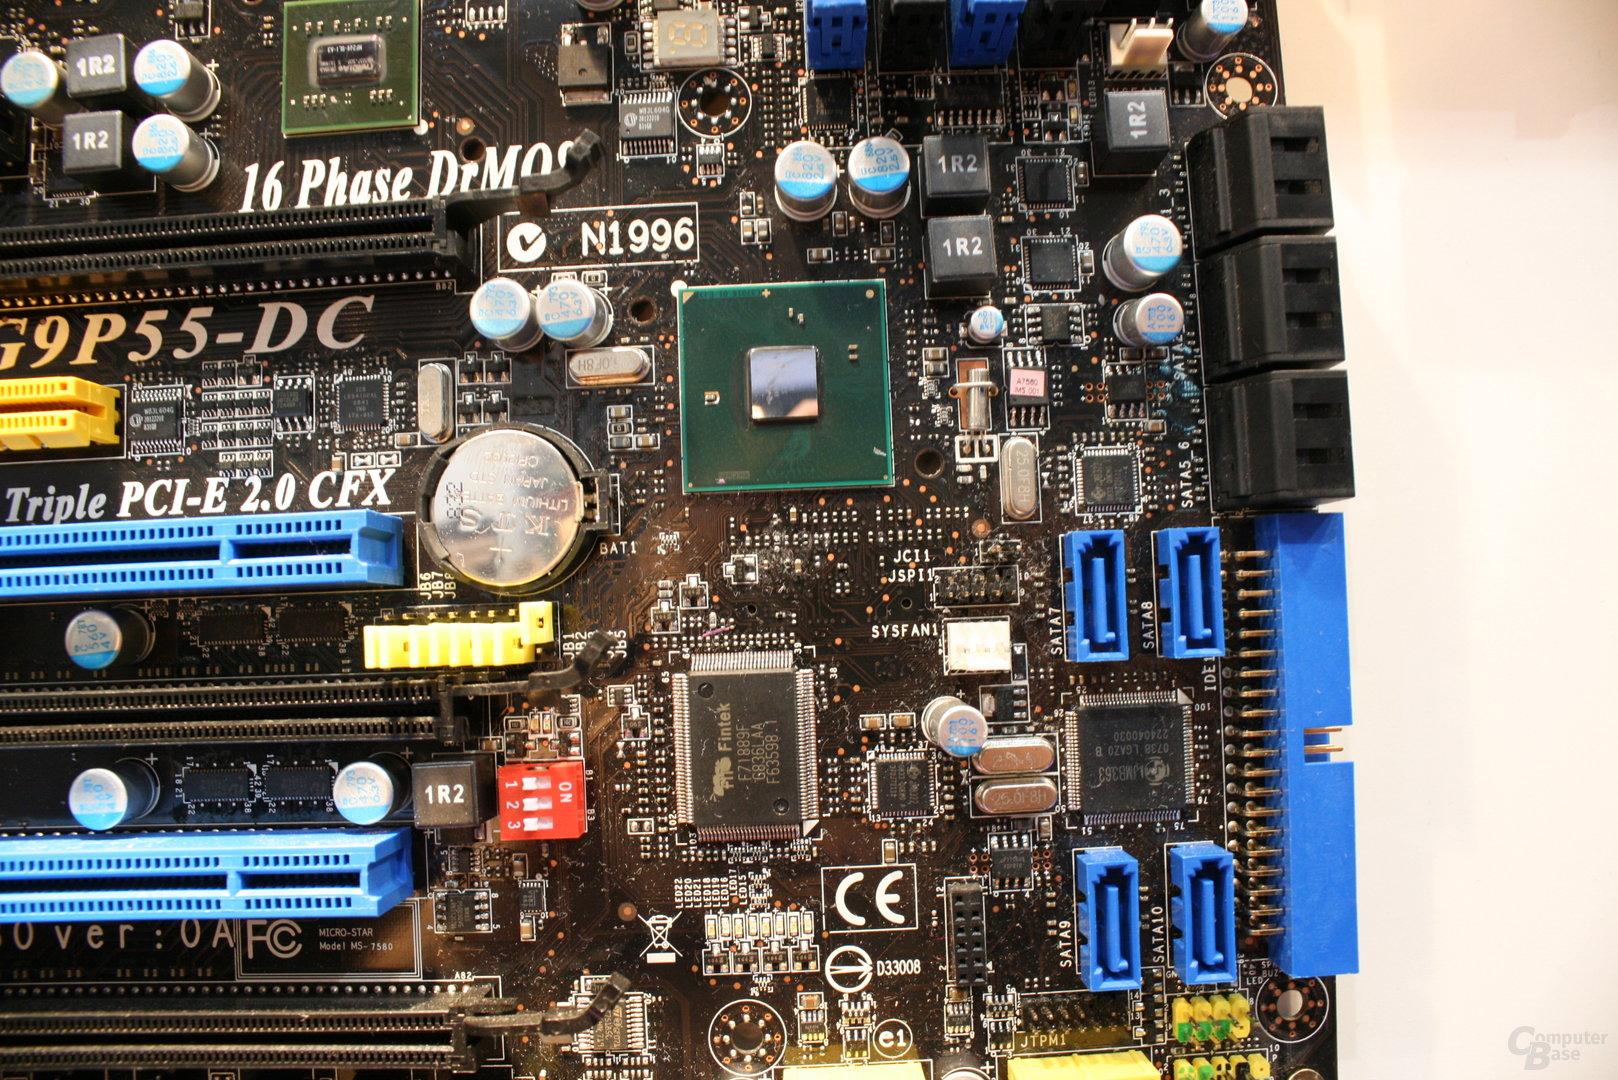 MSI G9P55-DC